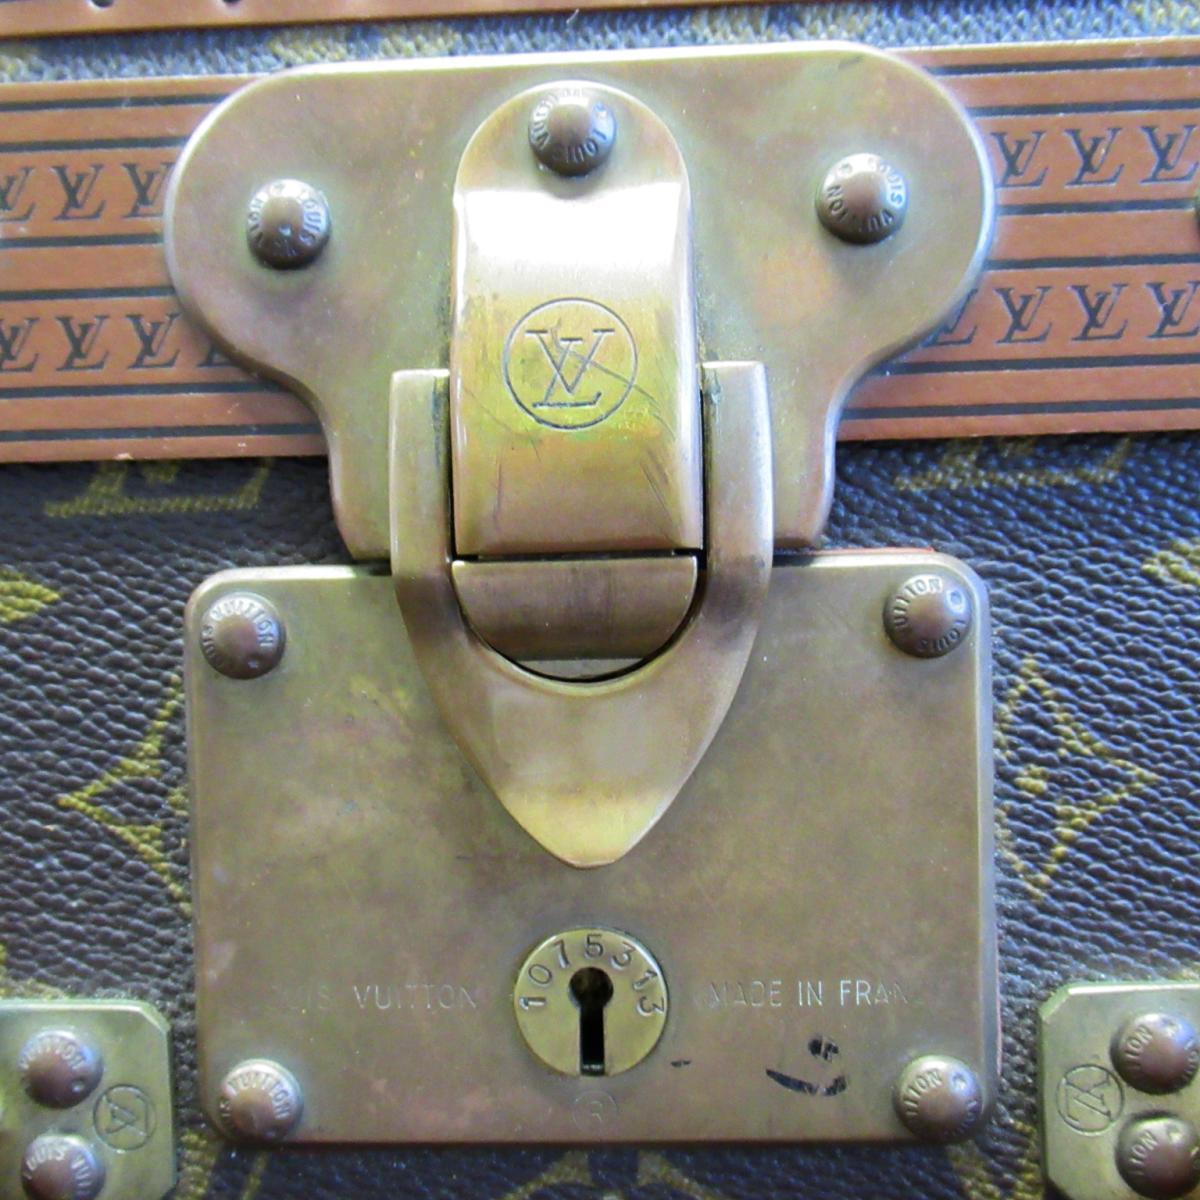 ルイヴィトン アルゼール80 トランク バッグ メンズ レディース モノグラムM21222LOUIS VUITTON BRANDOFF ブランドオフ ヴィトン ビトン ルイ・ヴィトン ブランド ブランドバッグ バック8OPnwN0kX